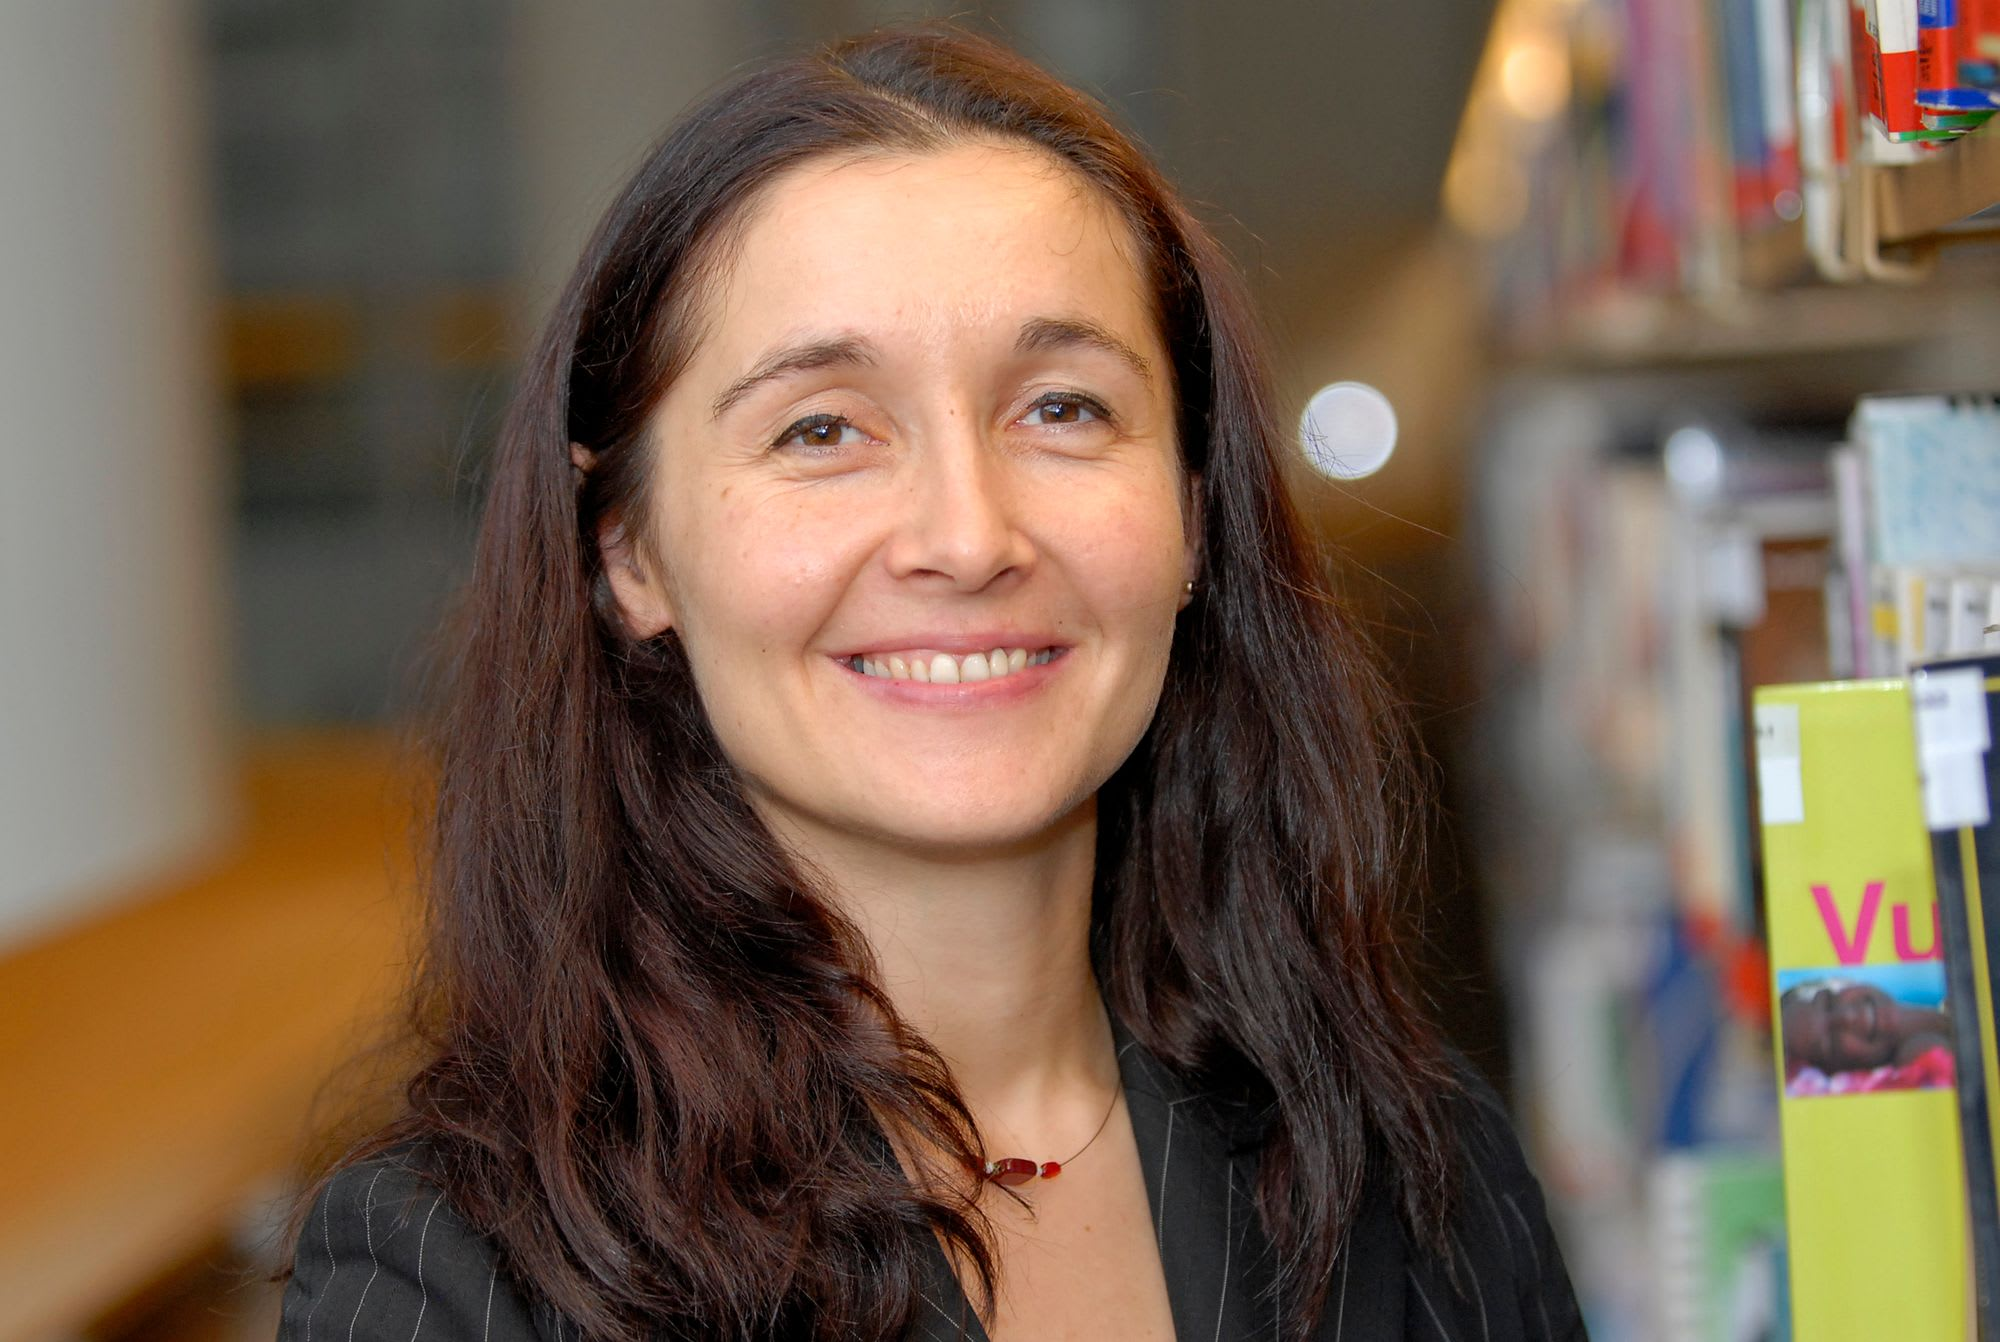 Entretien avec Christine Naschberger, enseignante-chercheuse en ressources humaines, spécialiste de la gestion de la diversité et de l'inclusion.